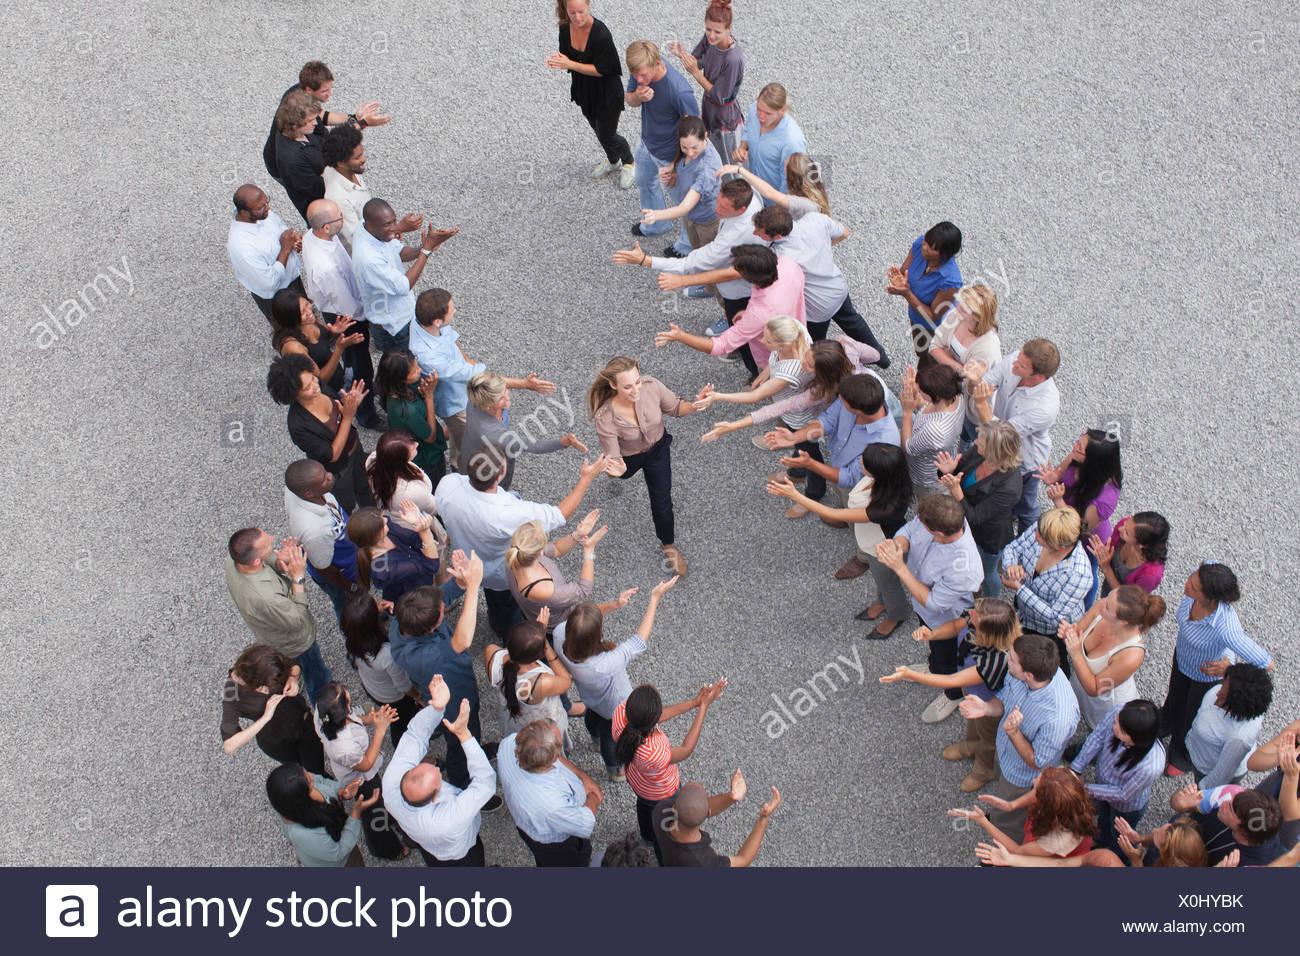 Donna oltrepassando la folla ad alta fiving persone Immagini Stock